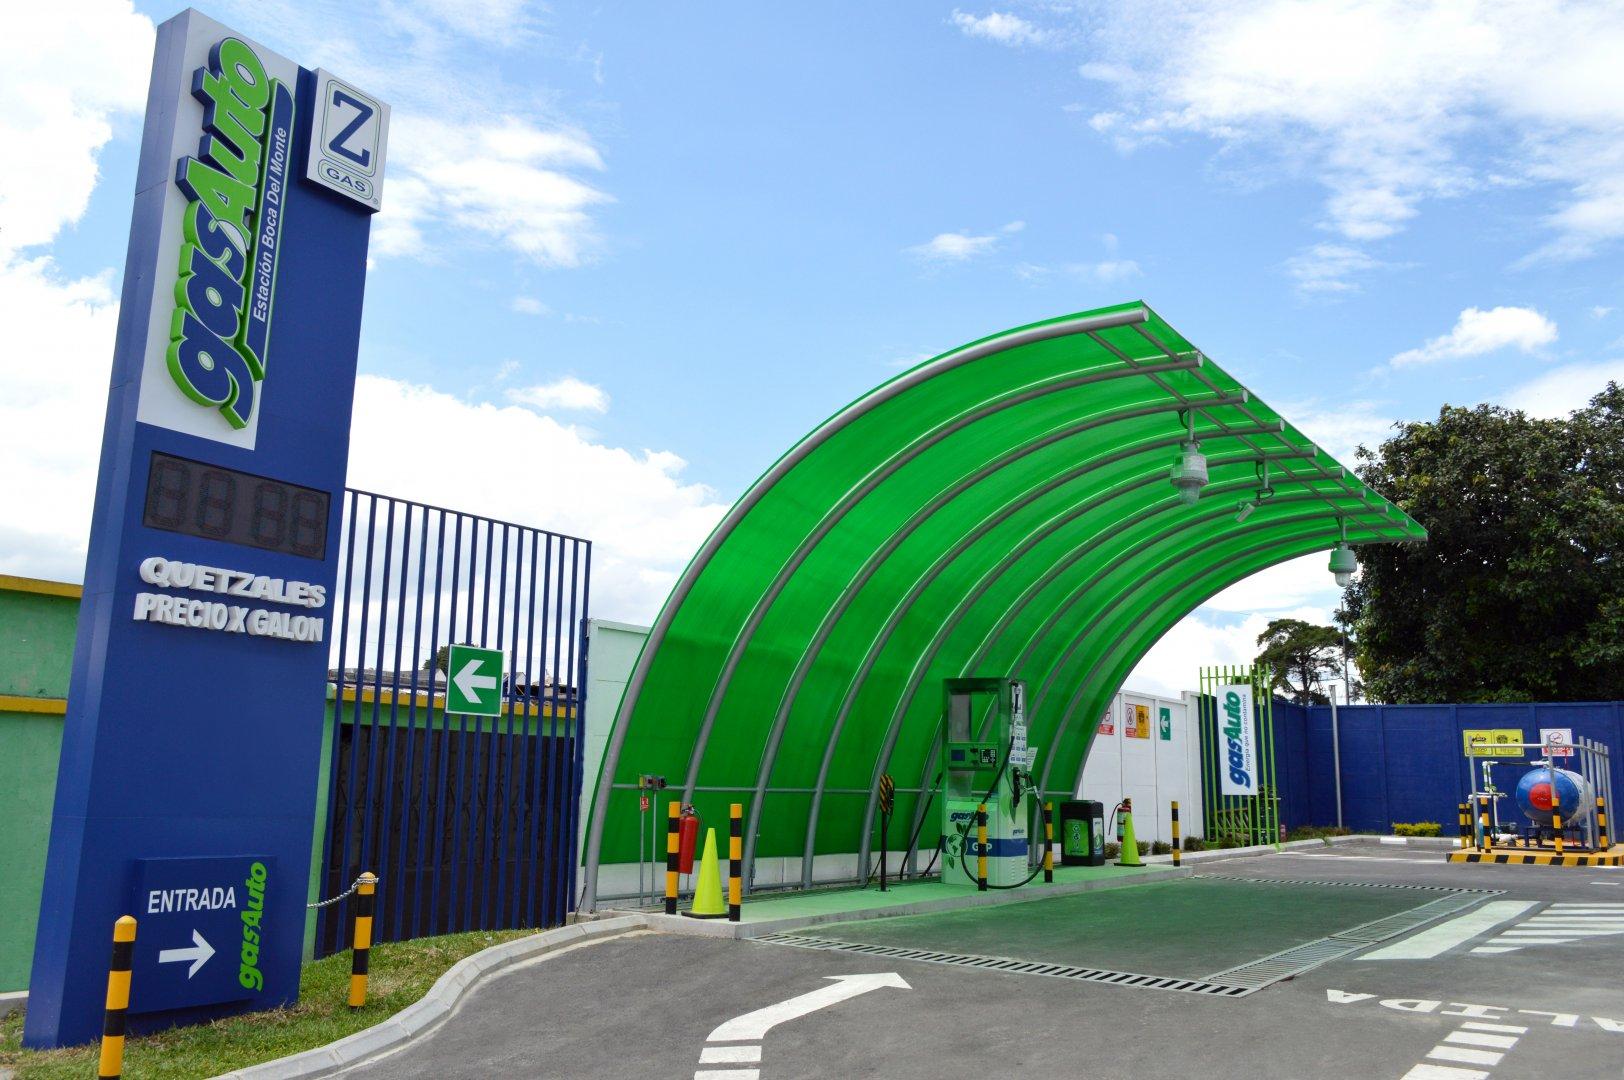 Gasauto_Guatemala_qué_es_gas_auto_1